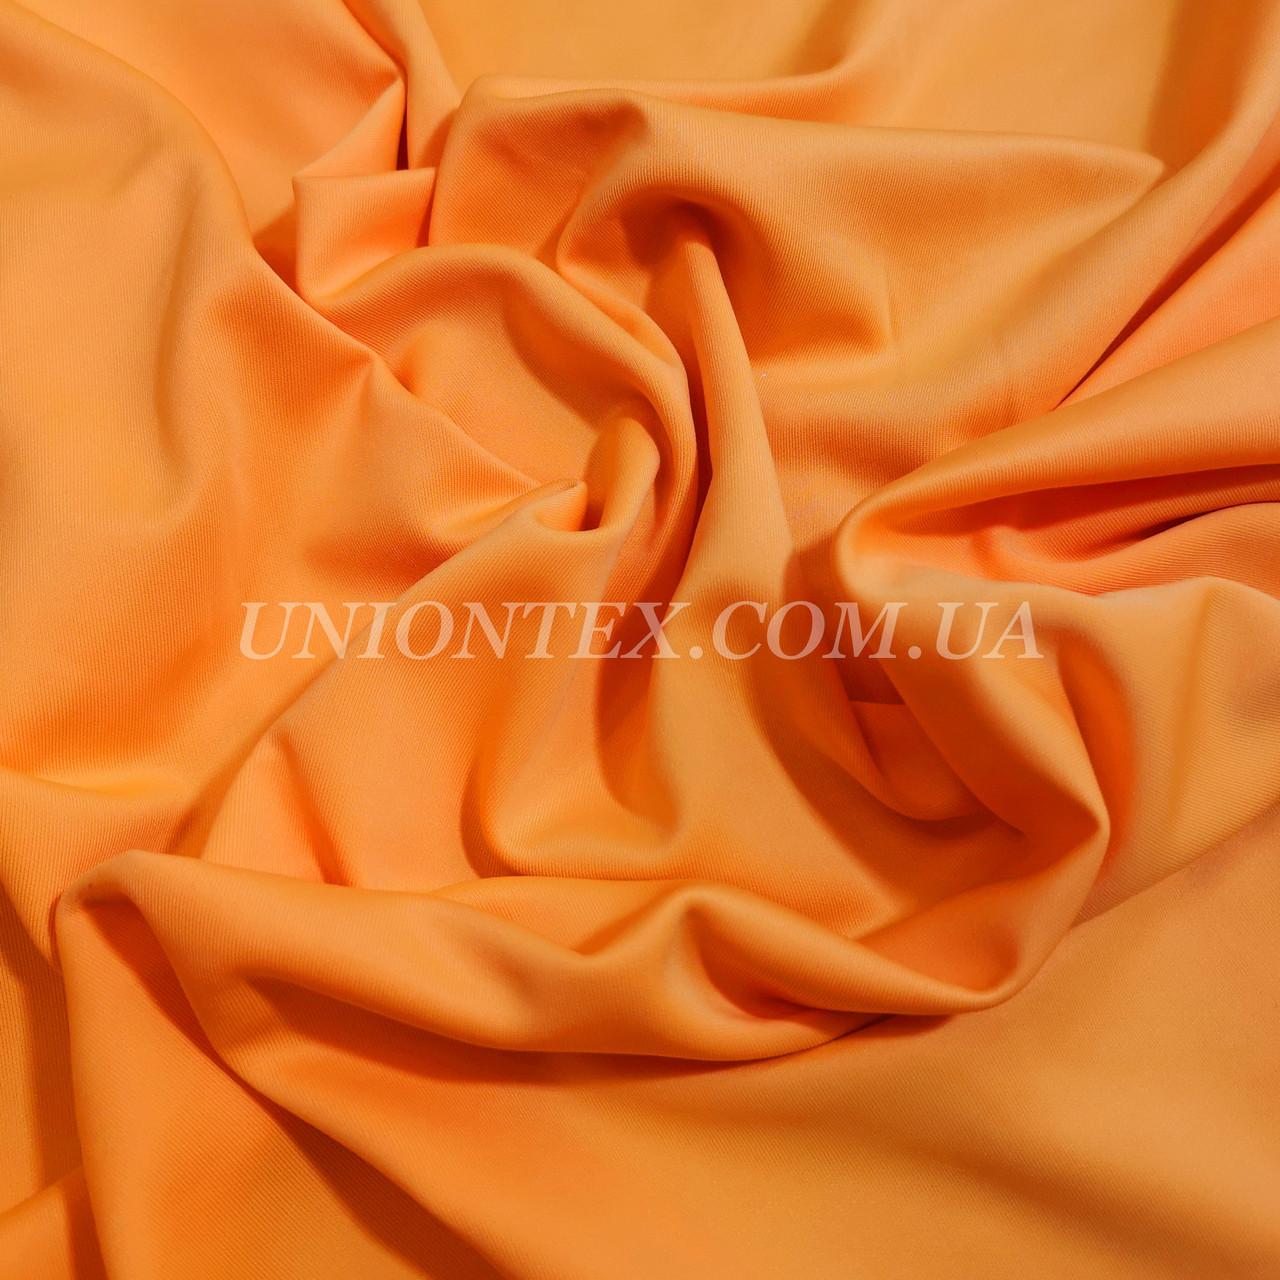 Трикотаж дайвинг оранжевый